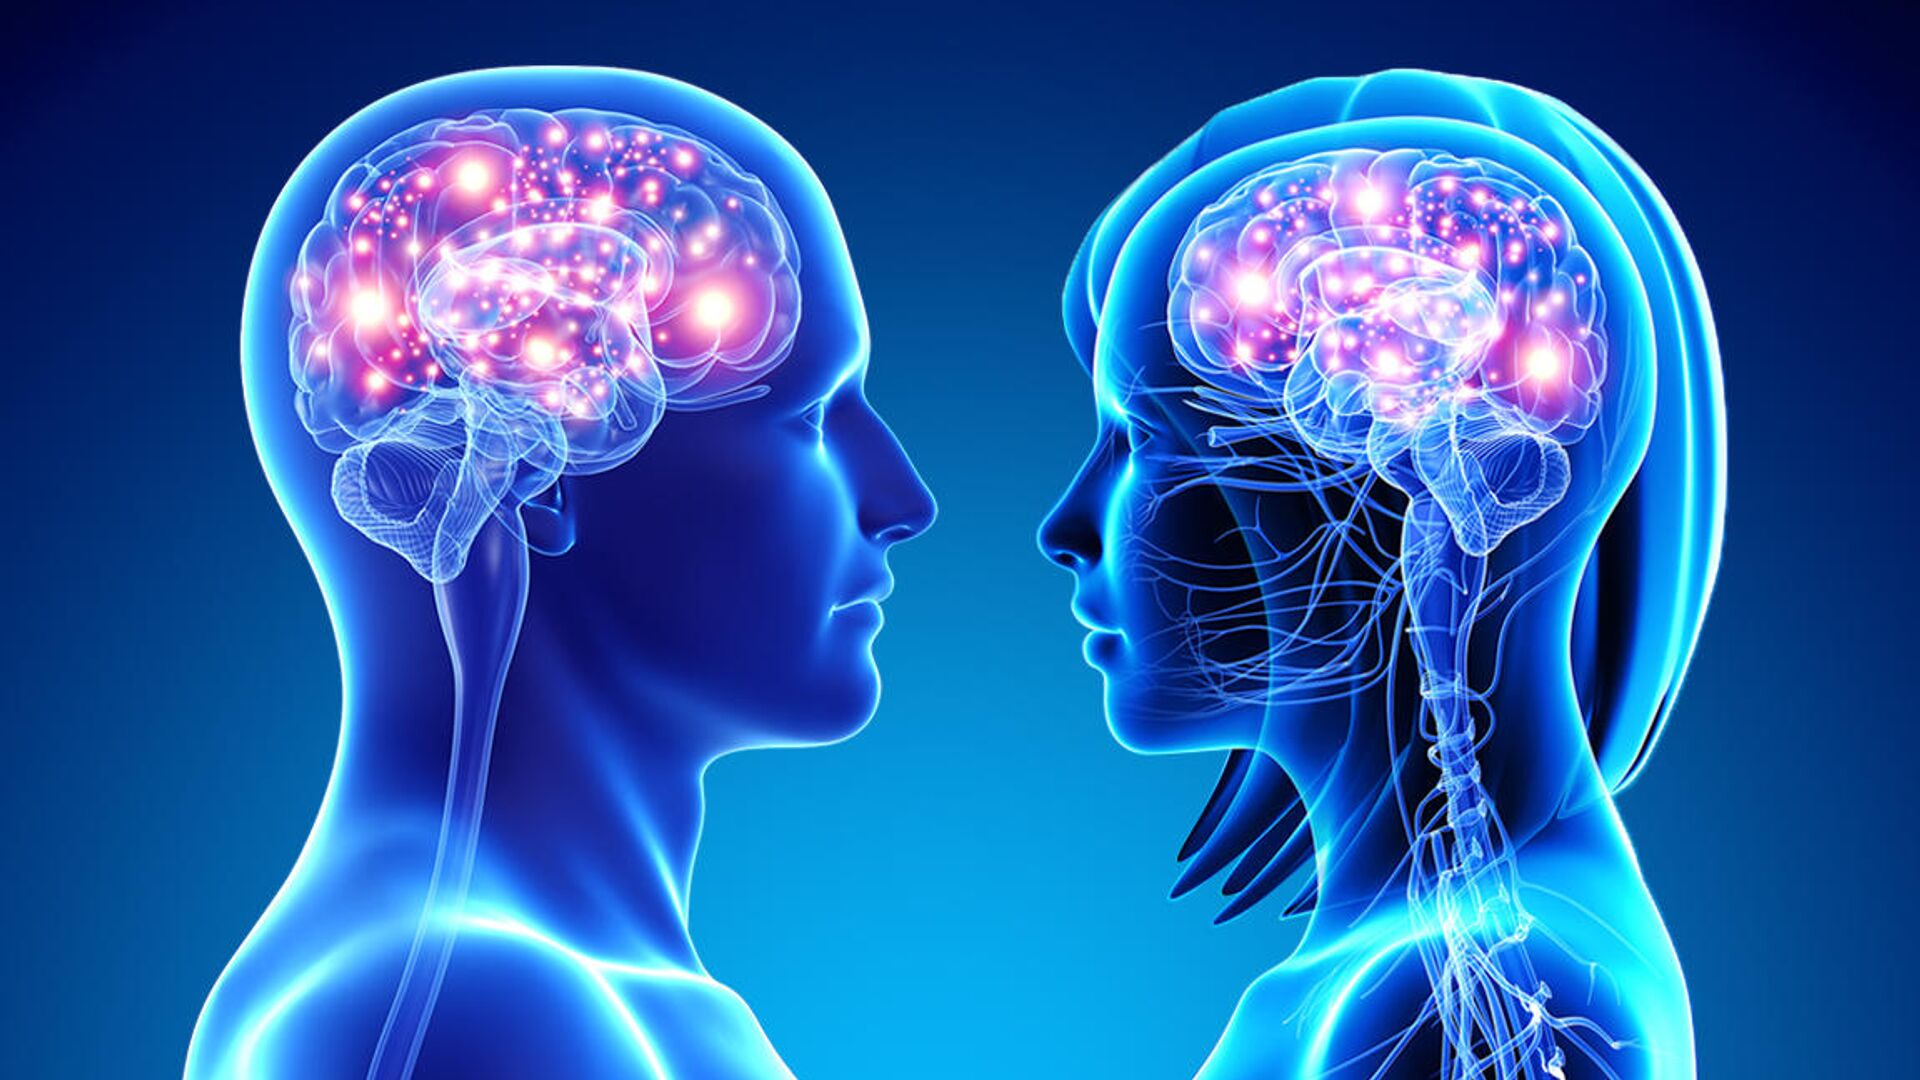 Тяжелая задача для мозга. Почему раздражают движения окружающих людей